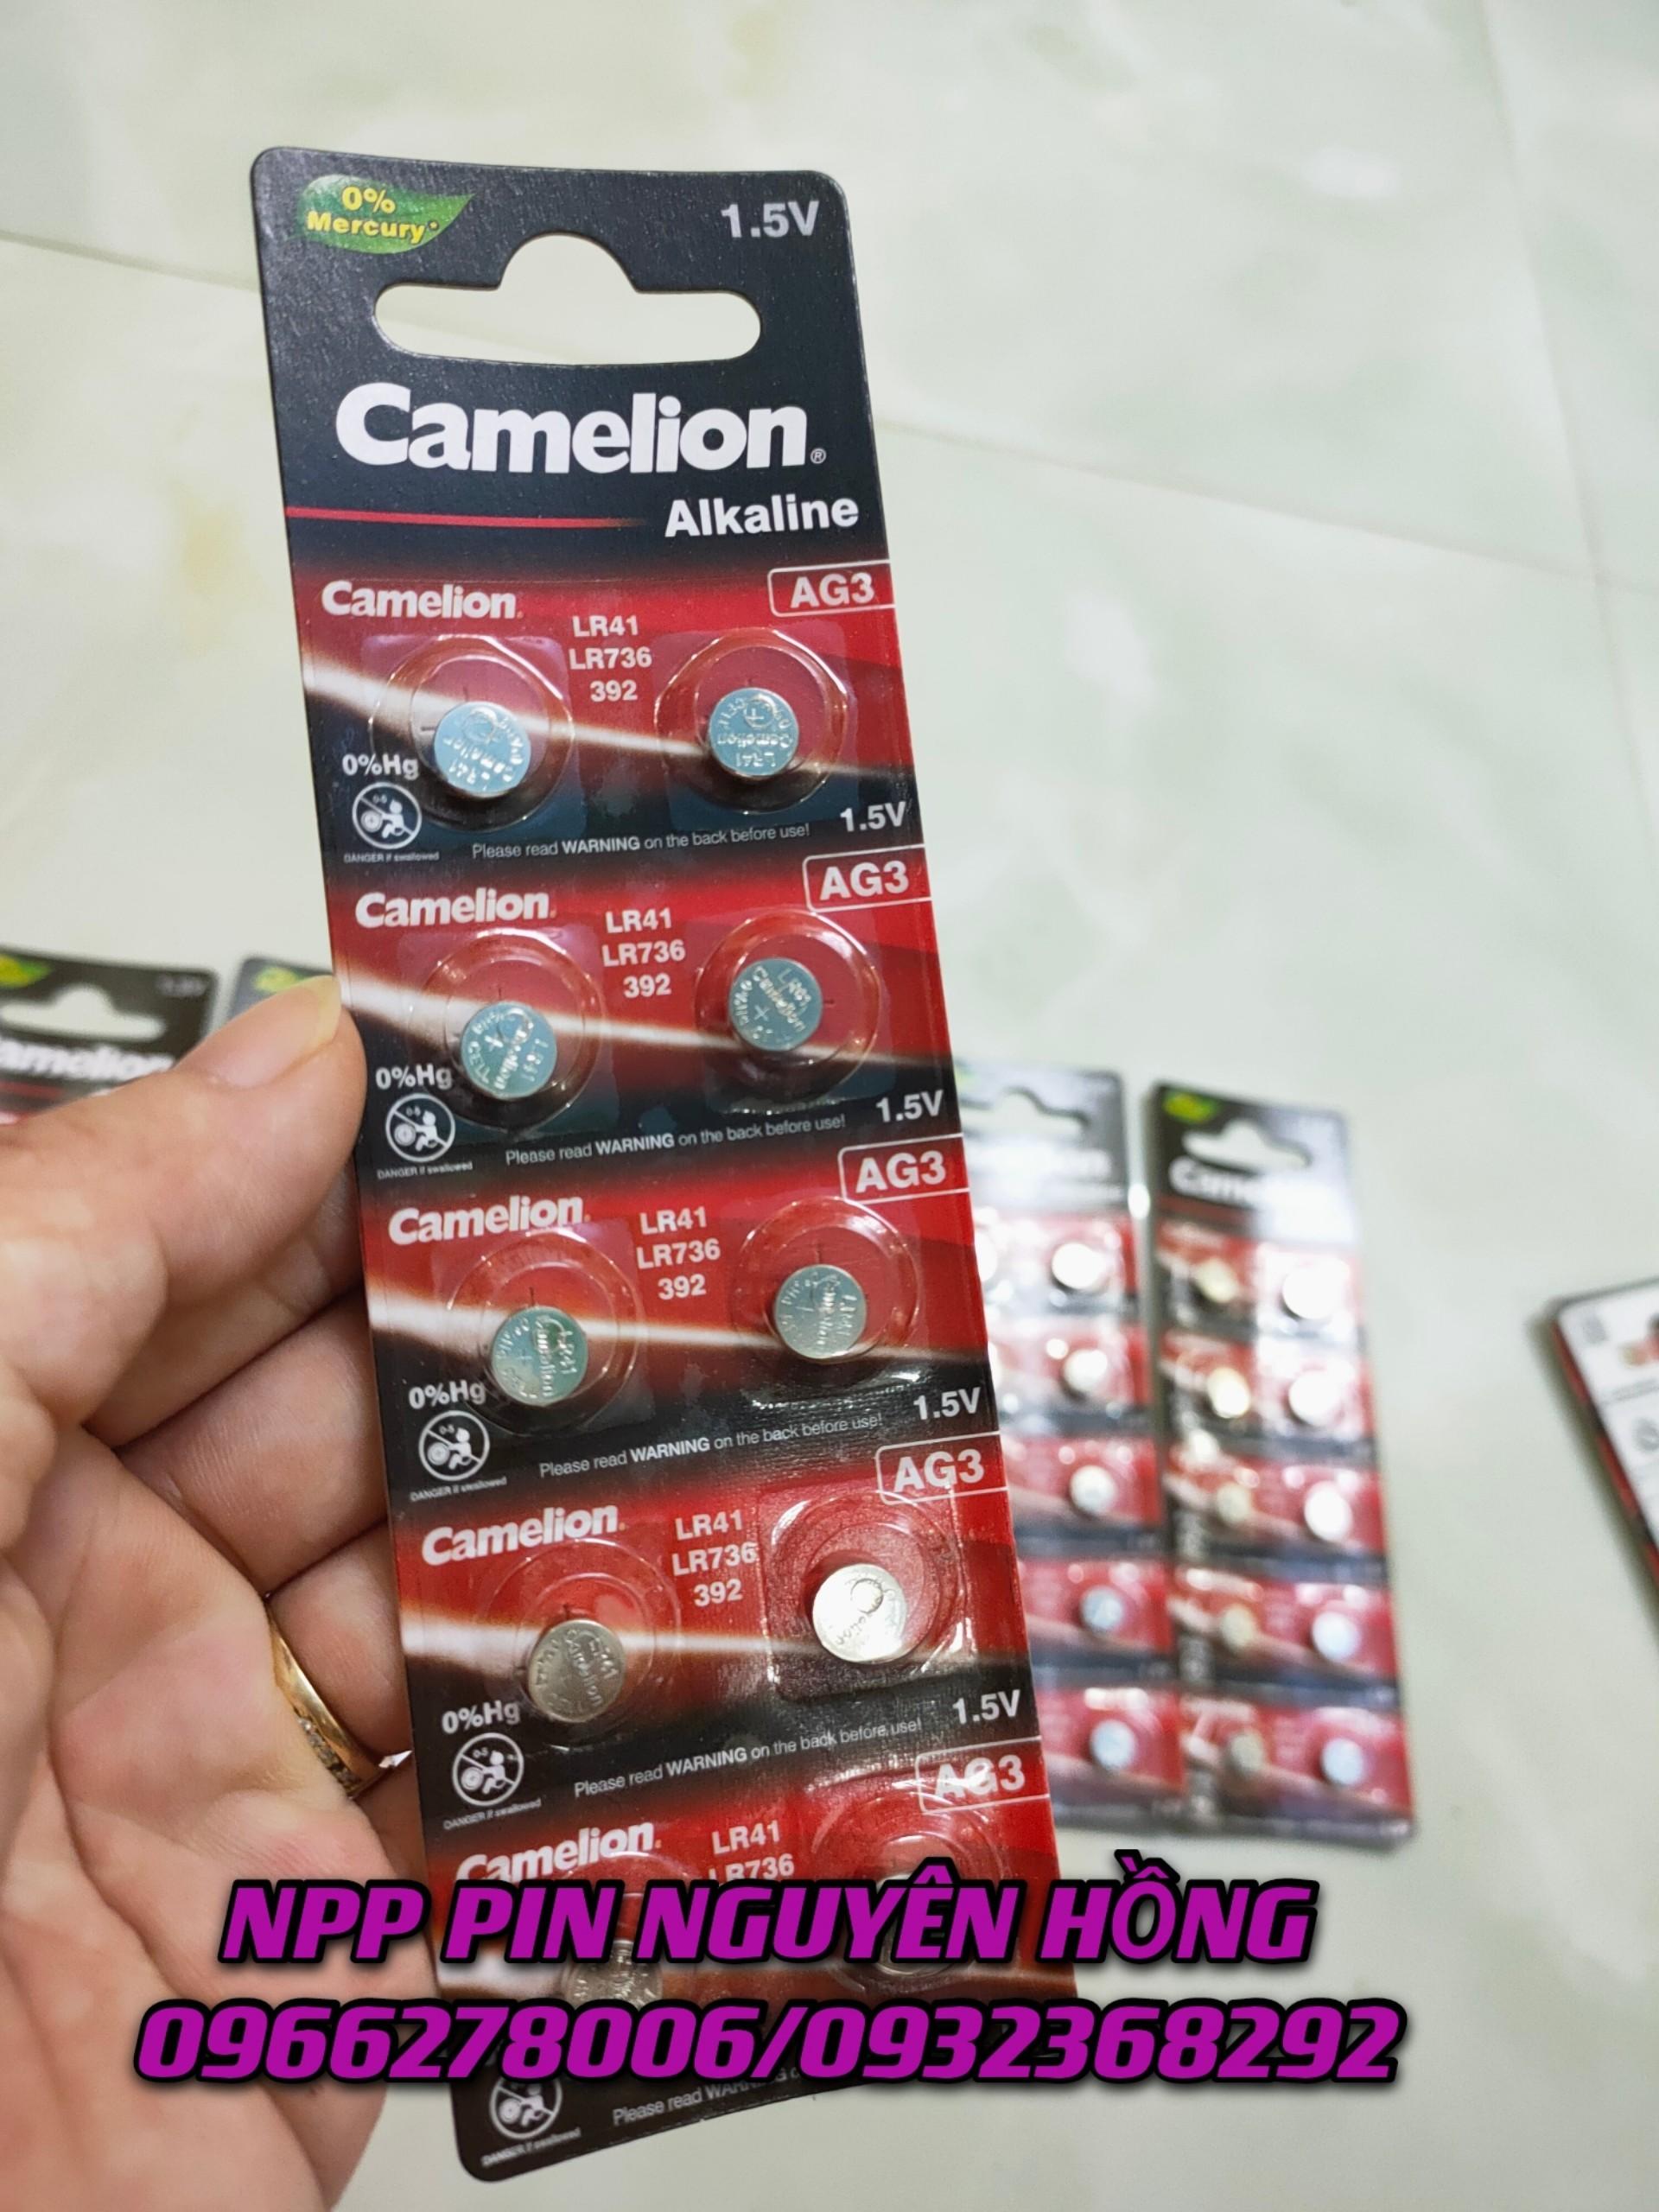 Pin Camelion AG3/LR41/LR736 Camelion Alkaline 1.5V vỉ 10 viên